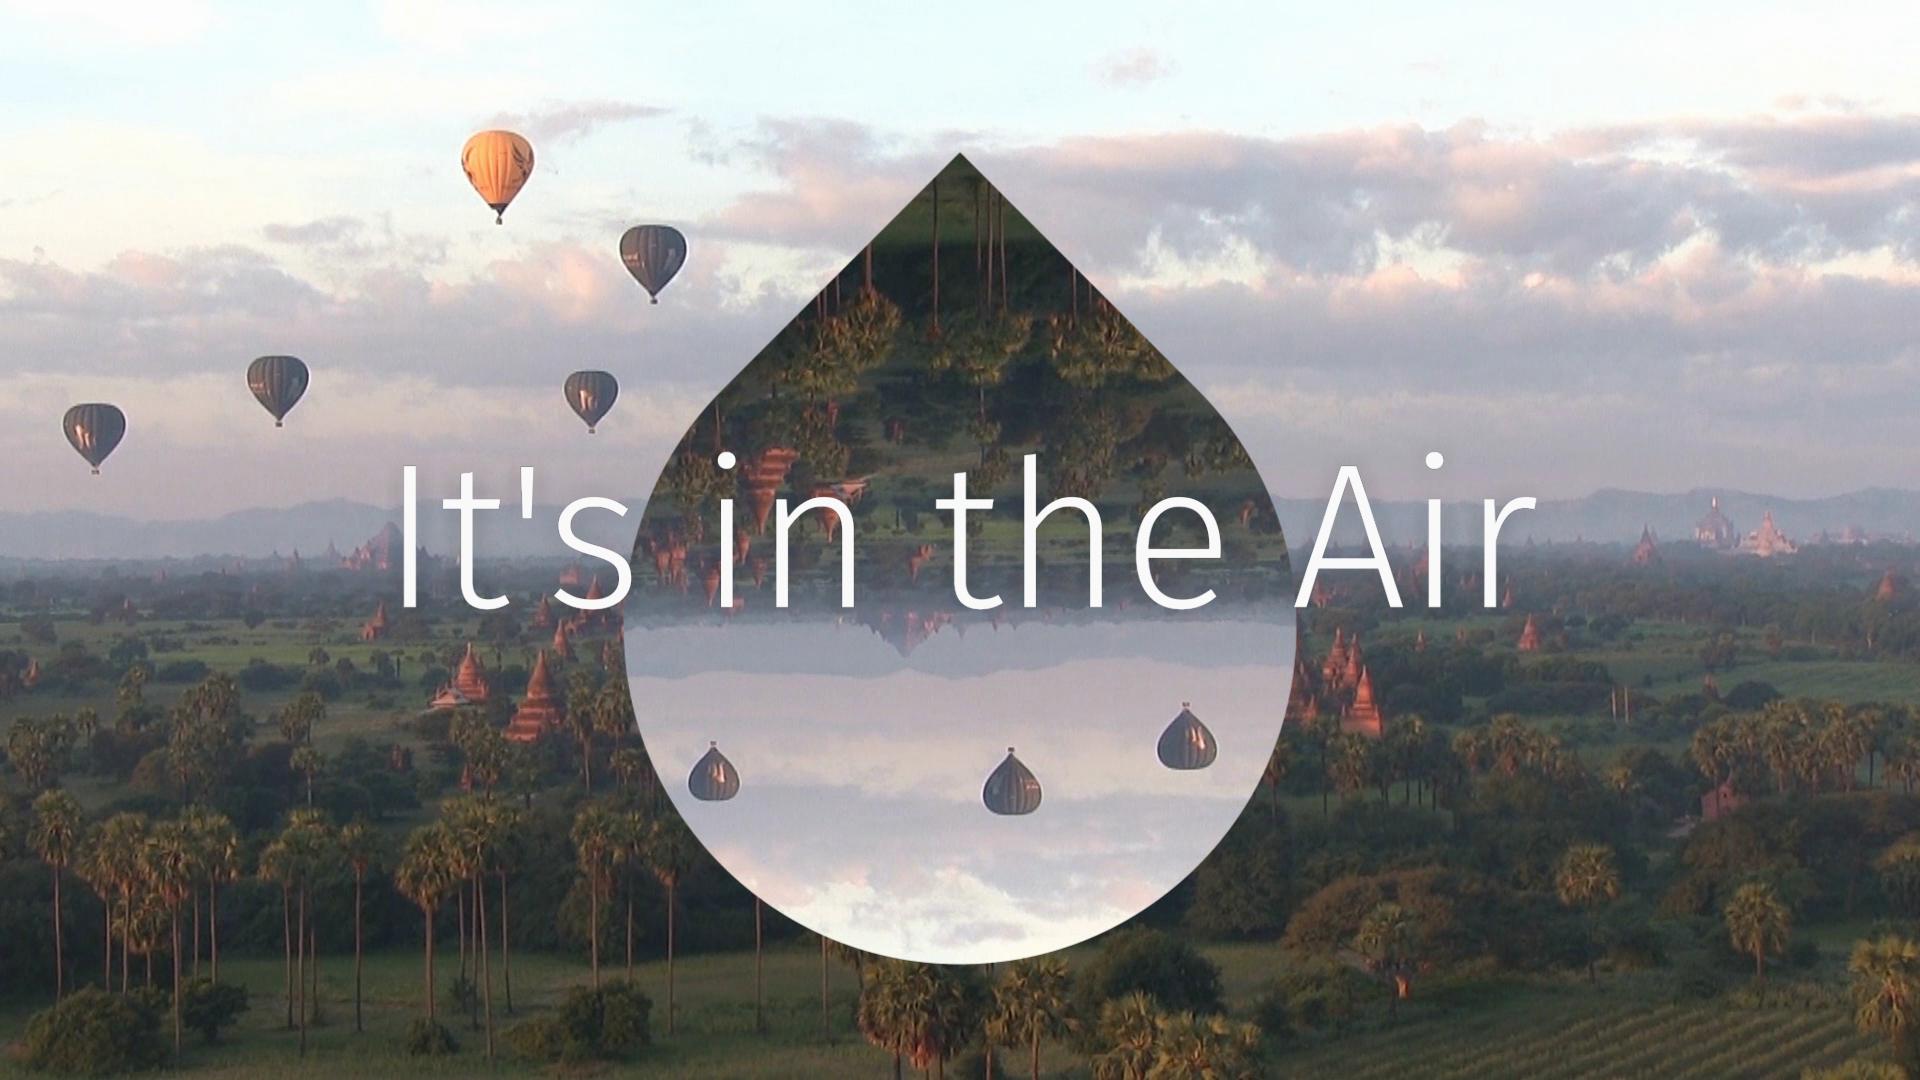 Air_Theme_16_9